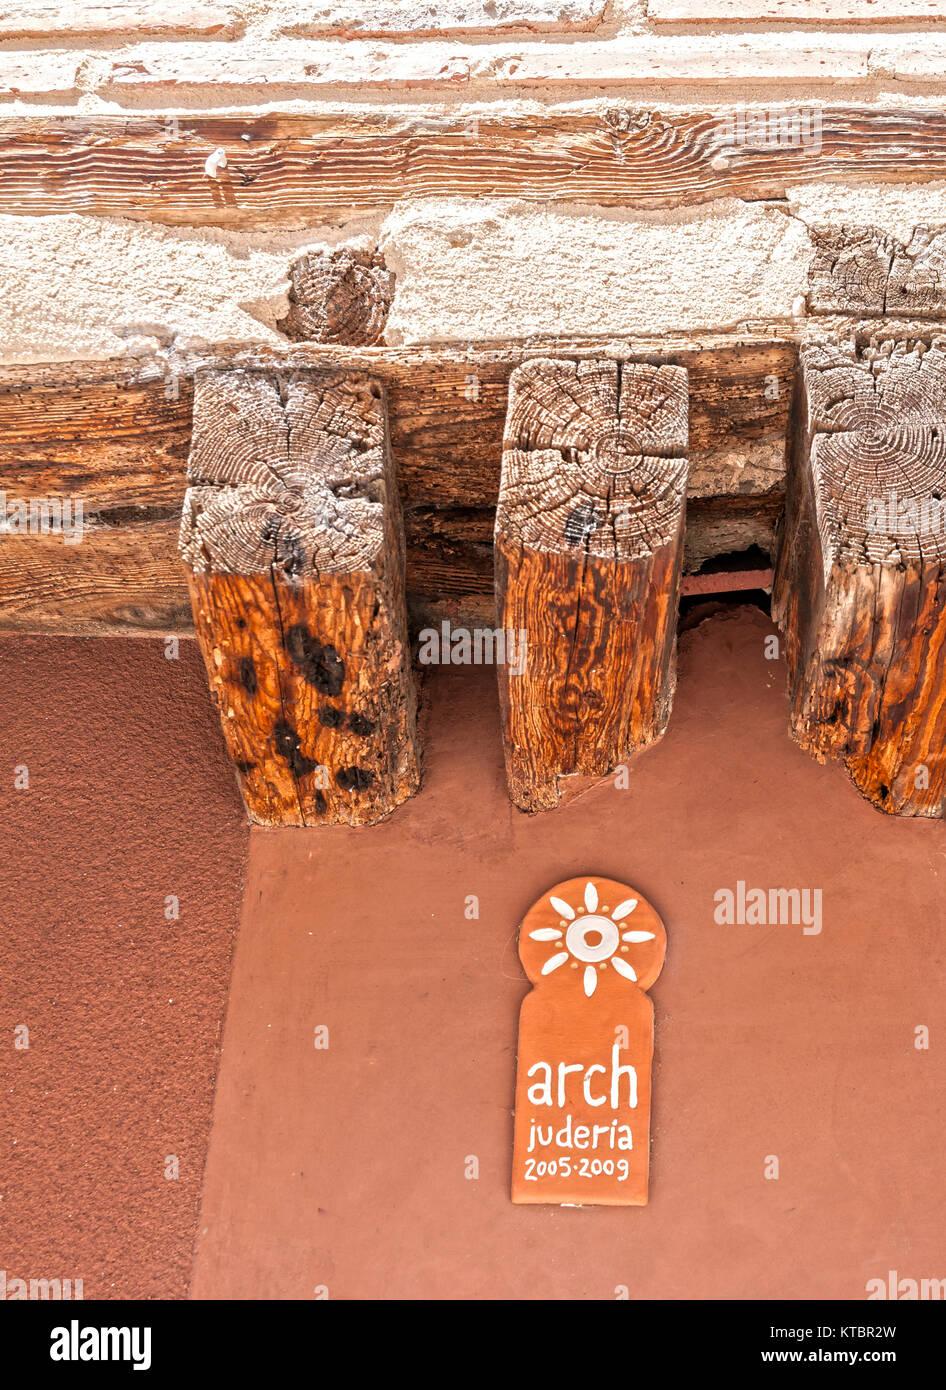 Judería. Segovia. Castilla León. España. Ciudad patrimonio de la humanidad. Unesco. - Stock Image